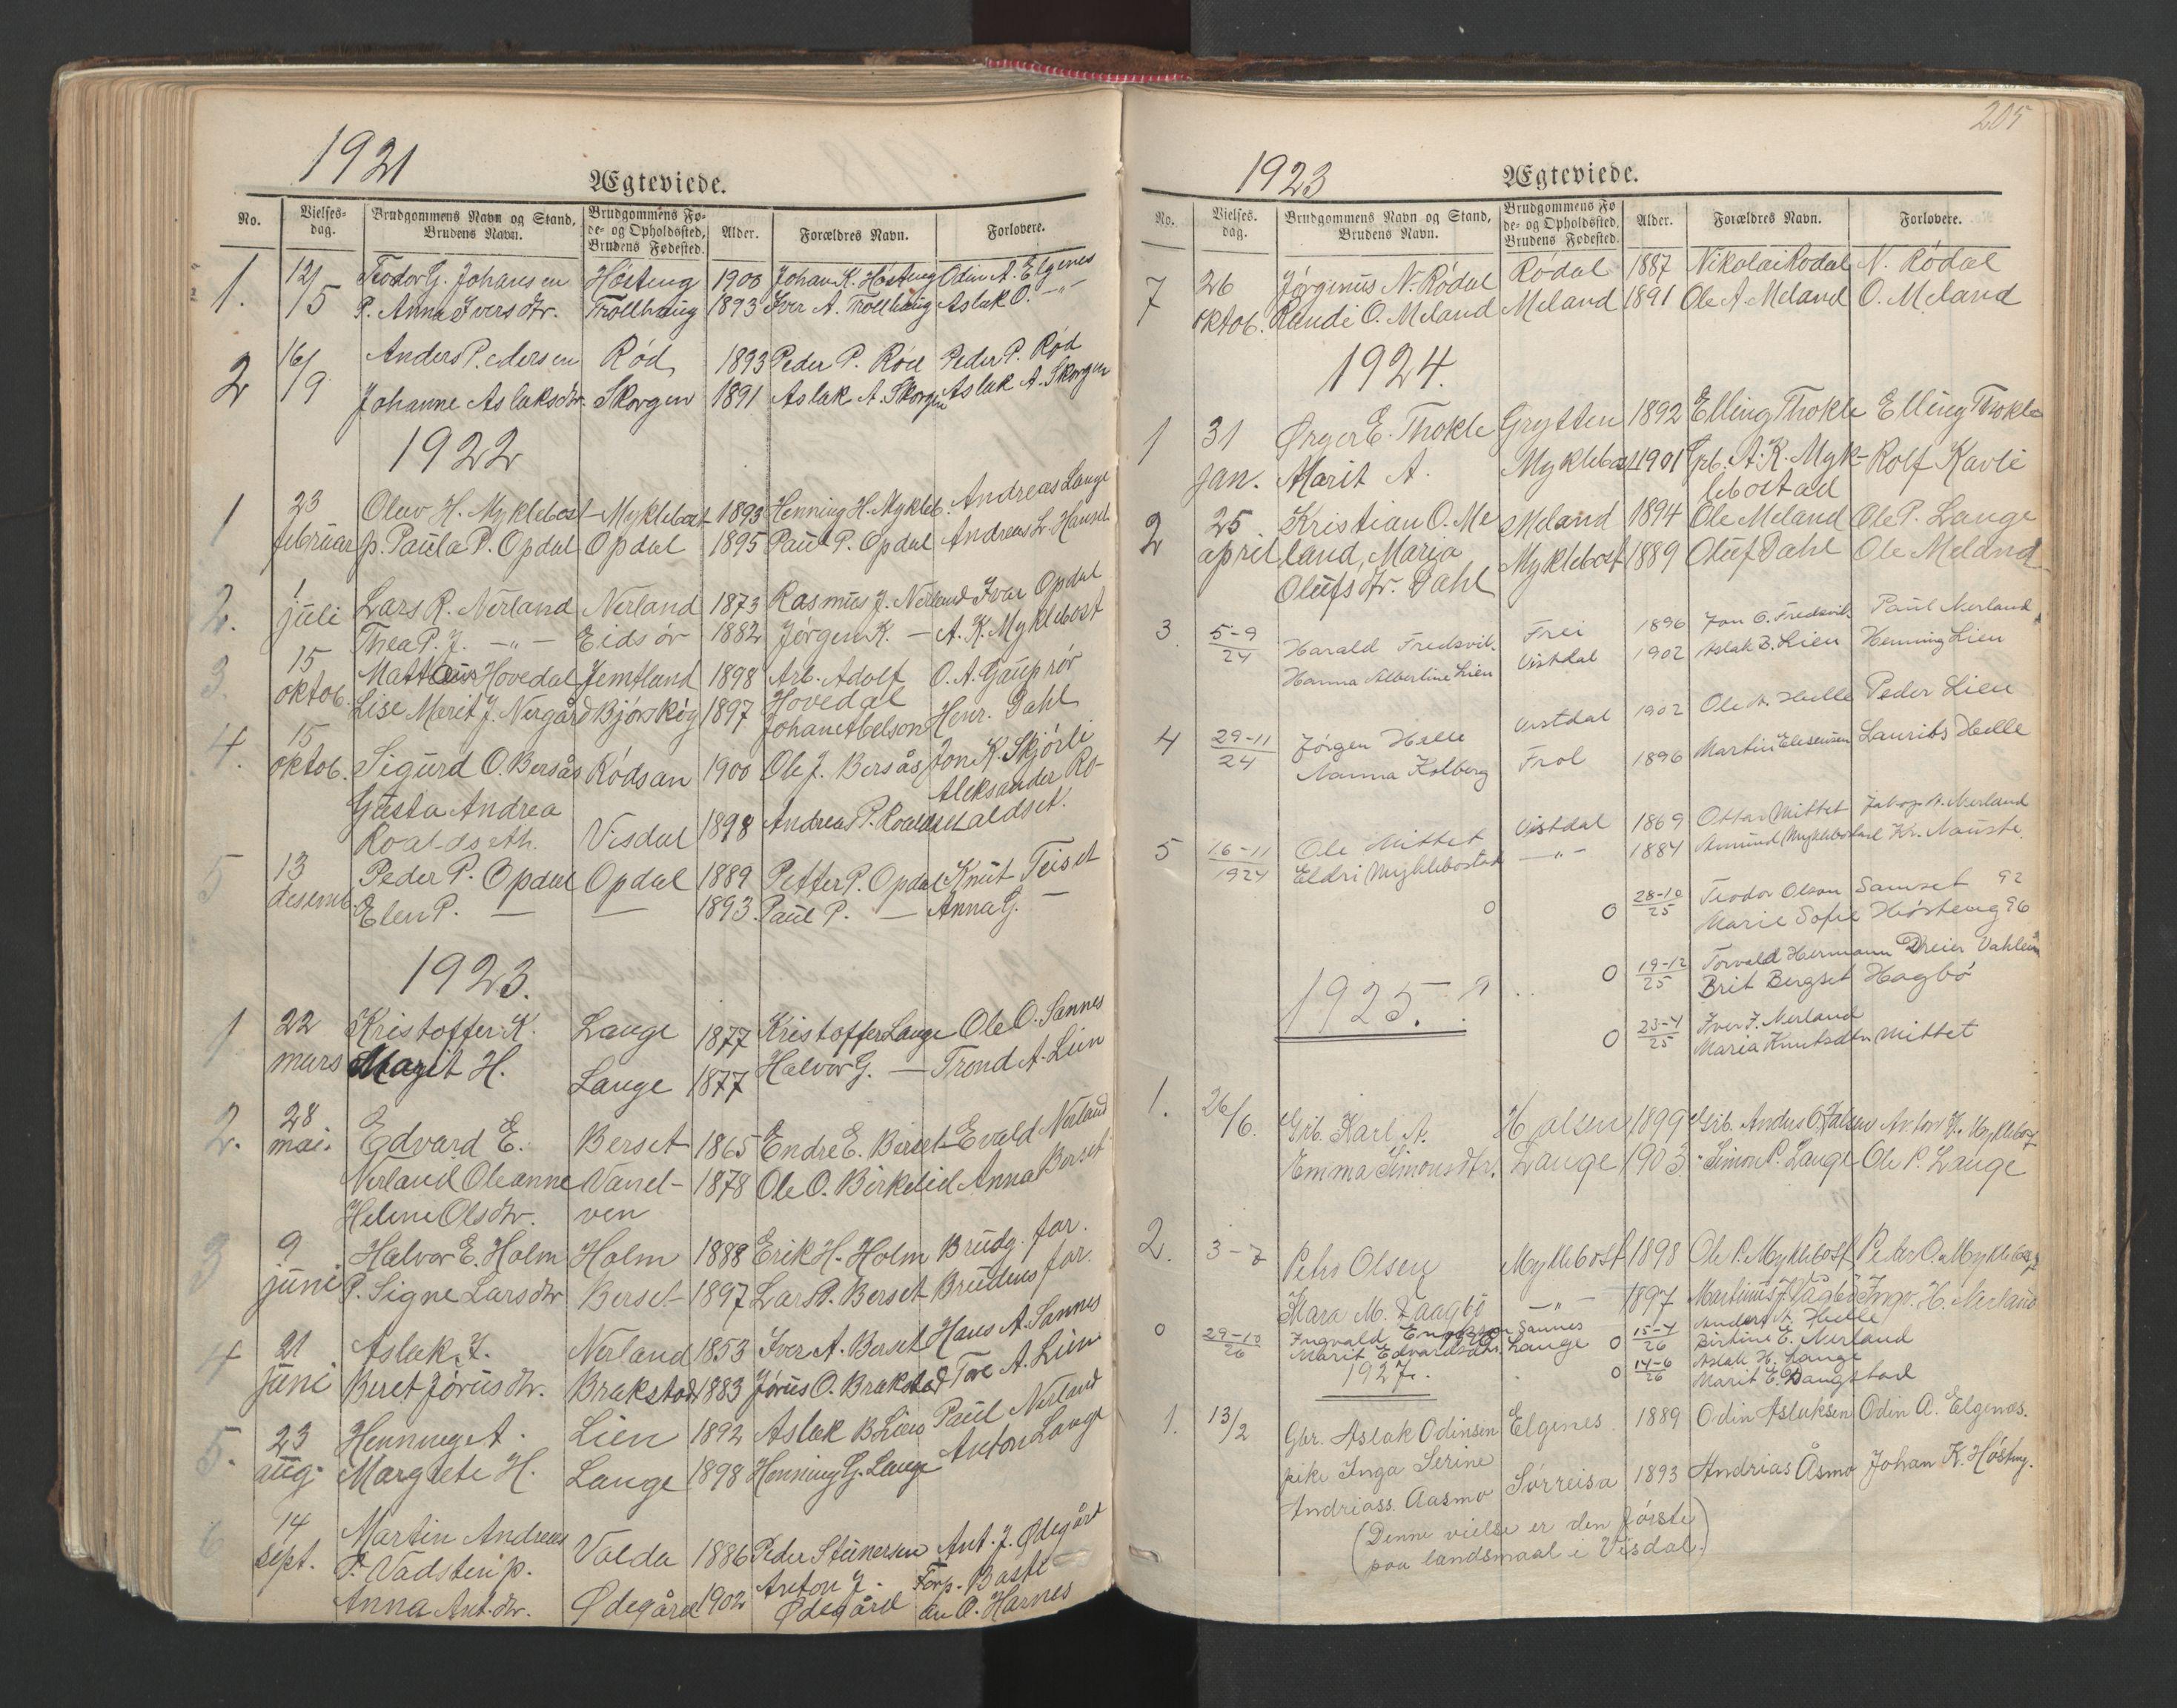 SAT, Ministerialprotokoller, klokkerbøker og fødselsregistre - Møre og Romsdal, 554/L0645: Klokkerbok nr. 554C02, 1867-1946, s. 205